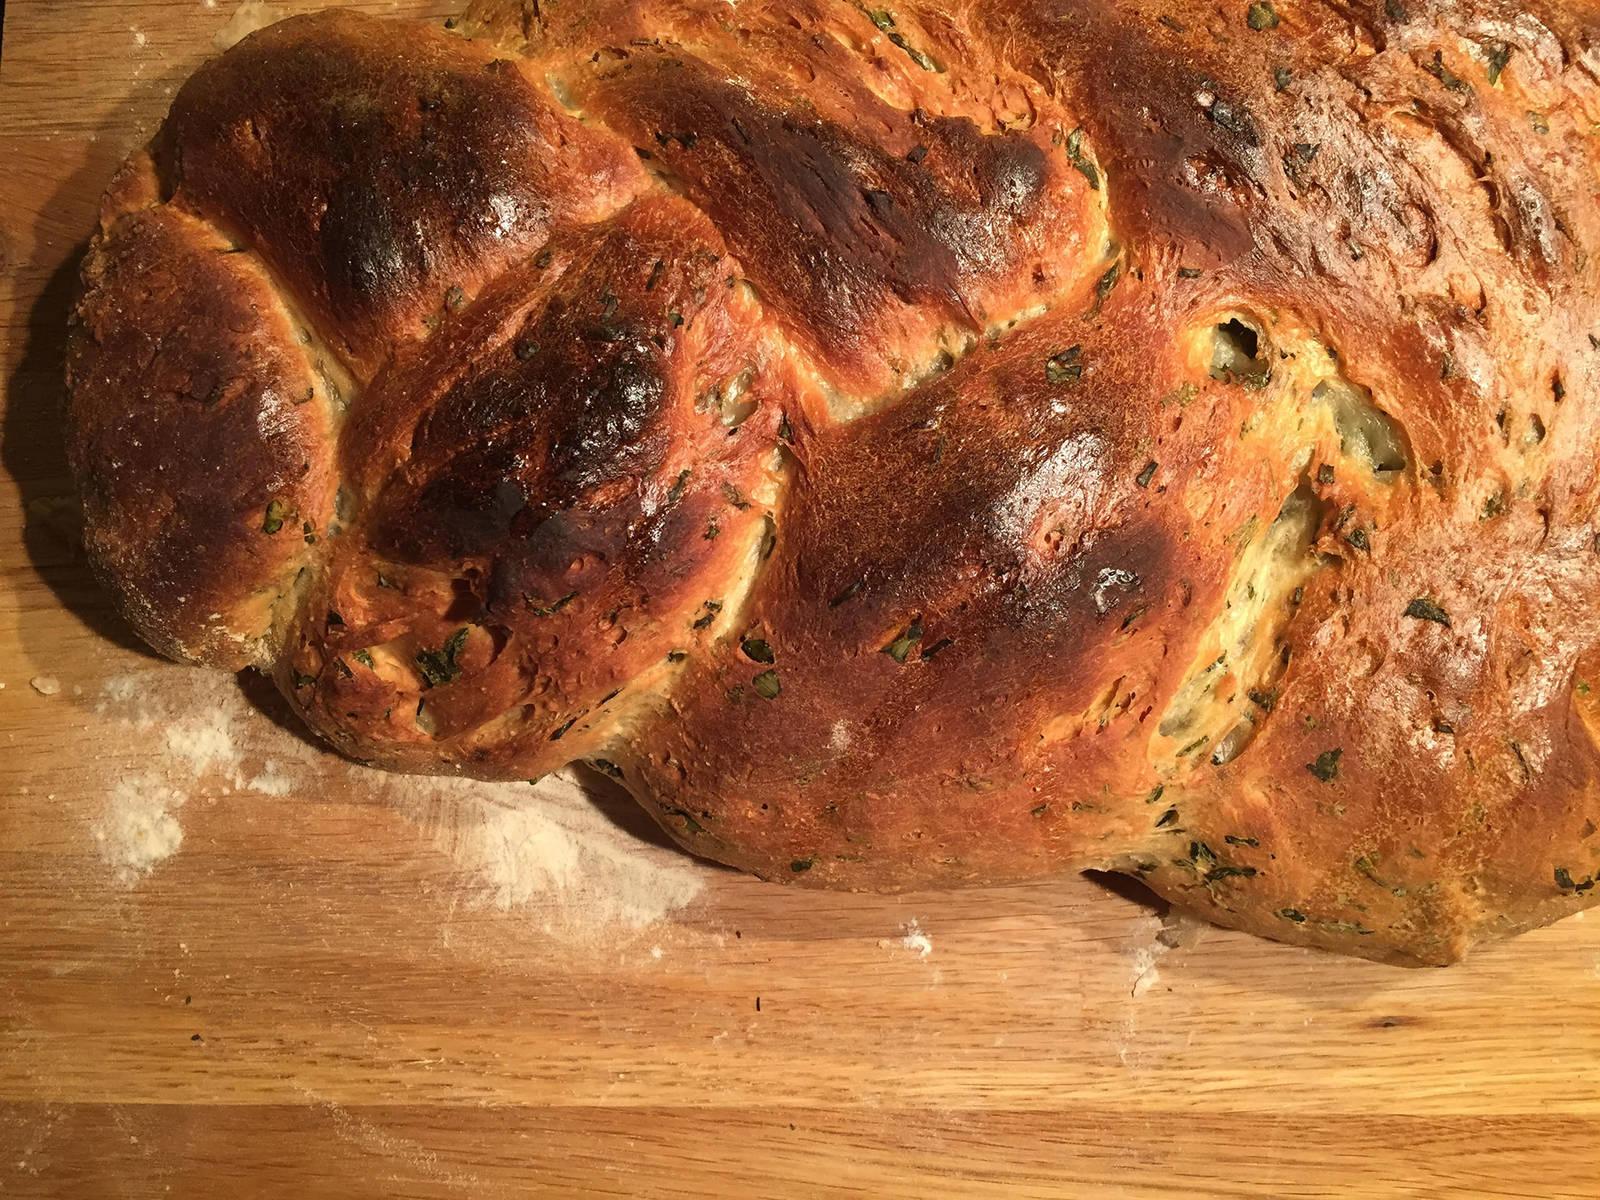 将烤箱预热至200℃。将辫子面包放到中层,烤45-60分钟。如果面包颜色变深太快,则用烘焙纸盖上。到时间后,用小刀插入面包中再取出,若未沾有痕迹,则说明烤好了。